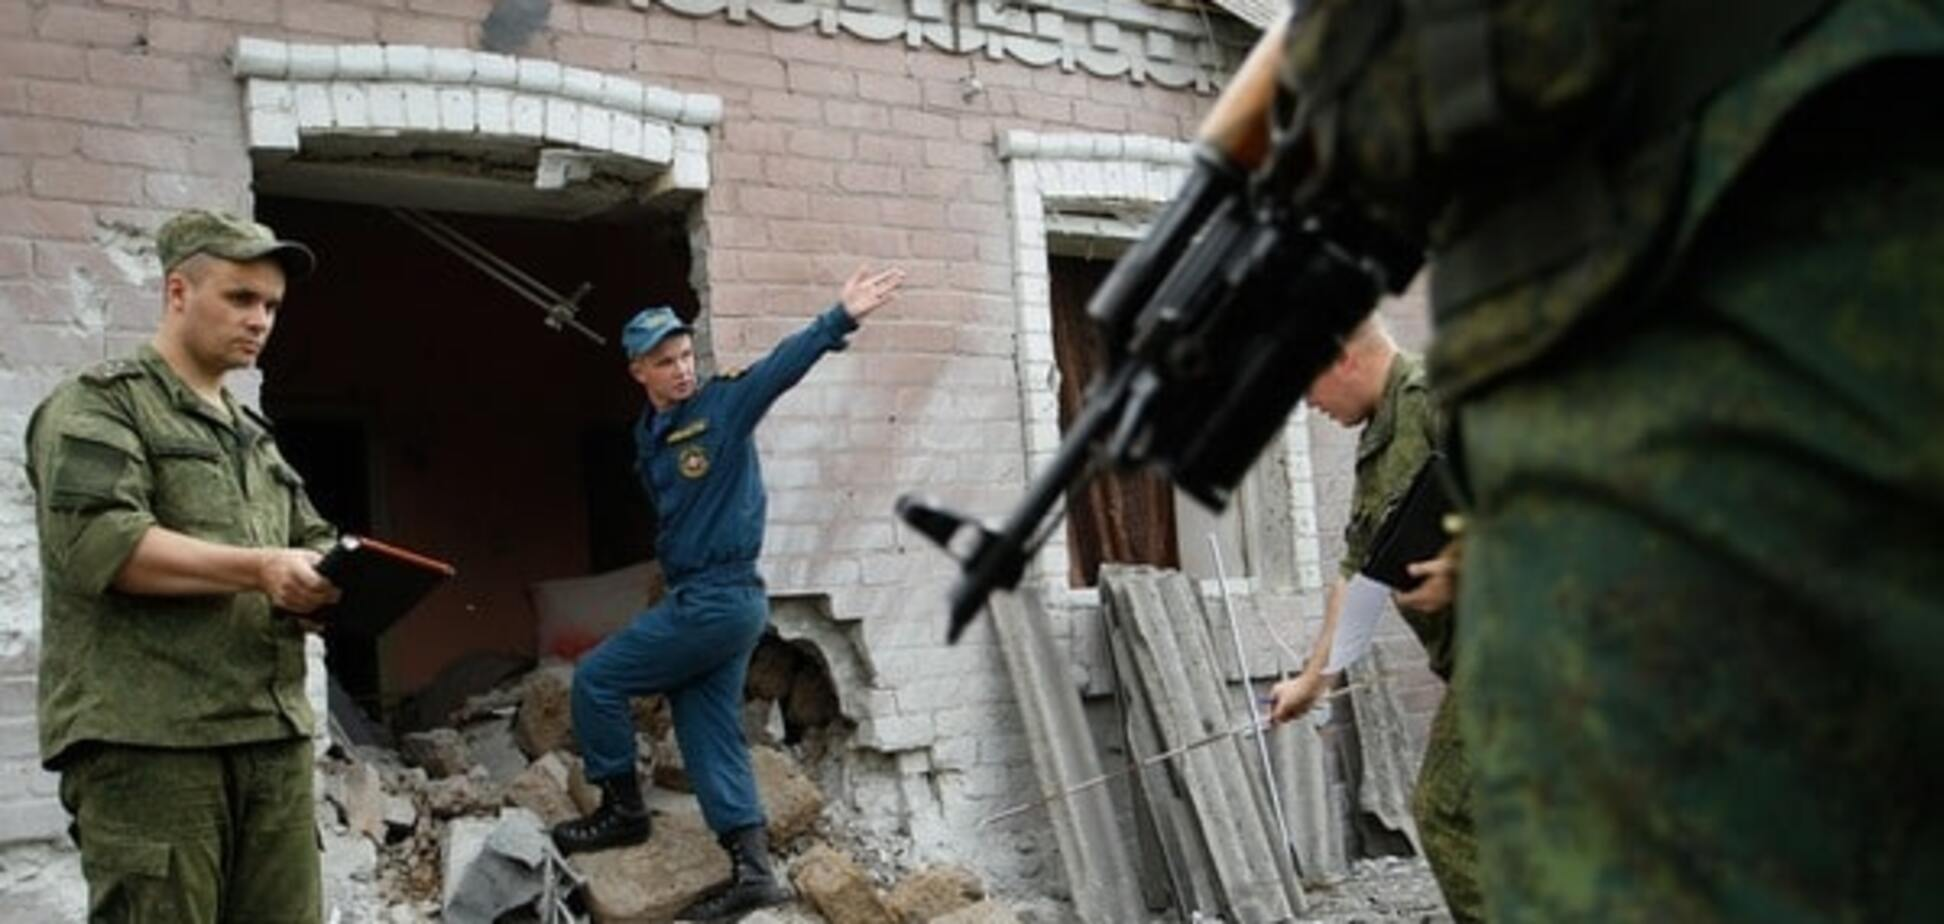 Из России в Иловайск прибыли вагоны с боеприпасами - Тымчук